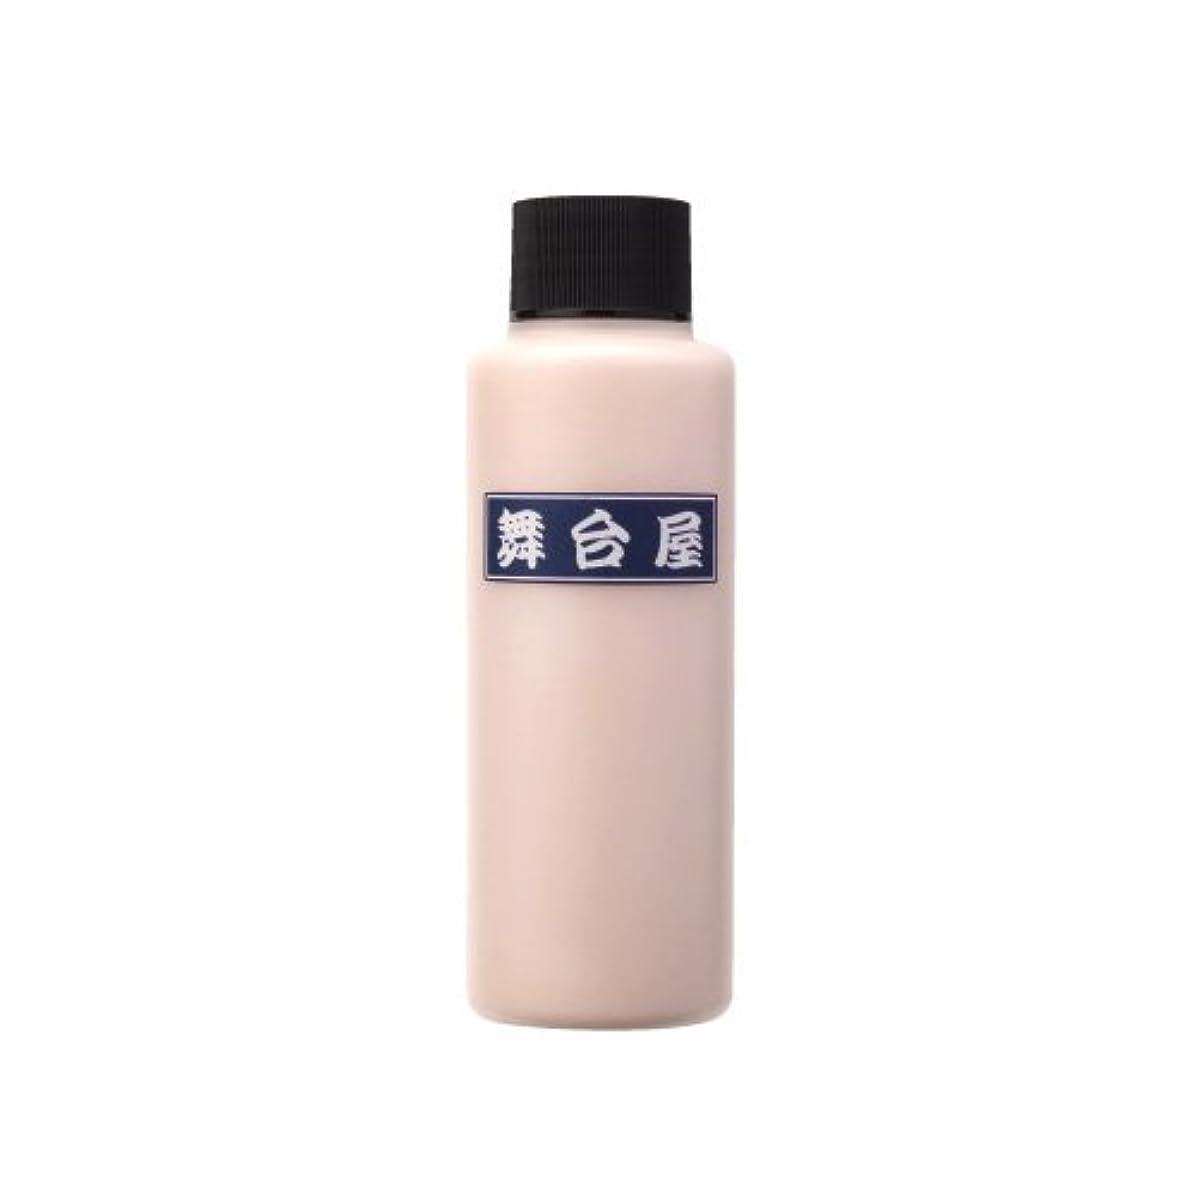 マサッチョブレイズカロリー舞台屋 水白粉 ピンク-3